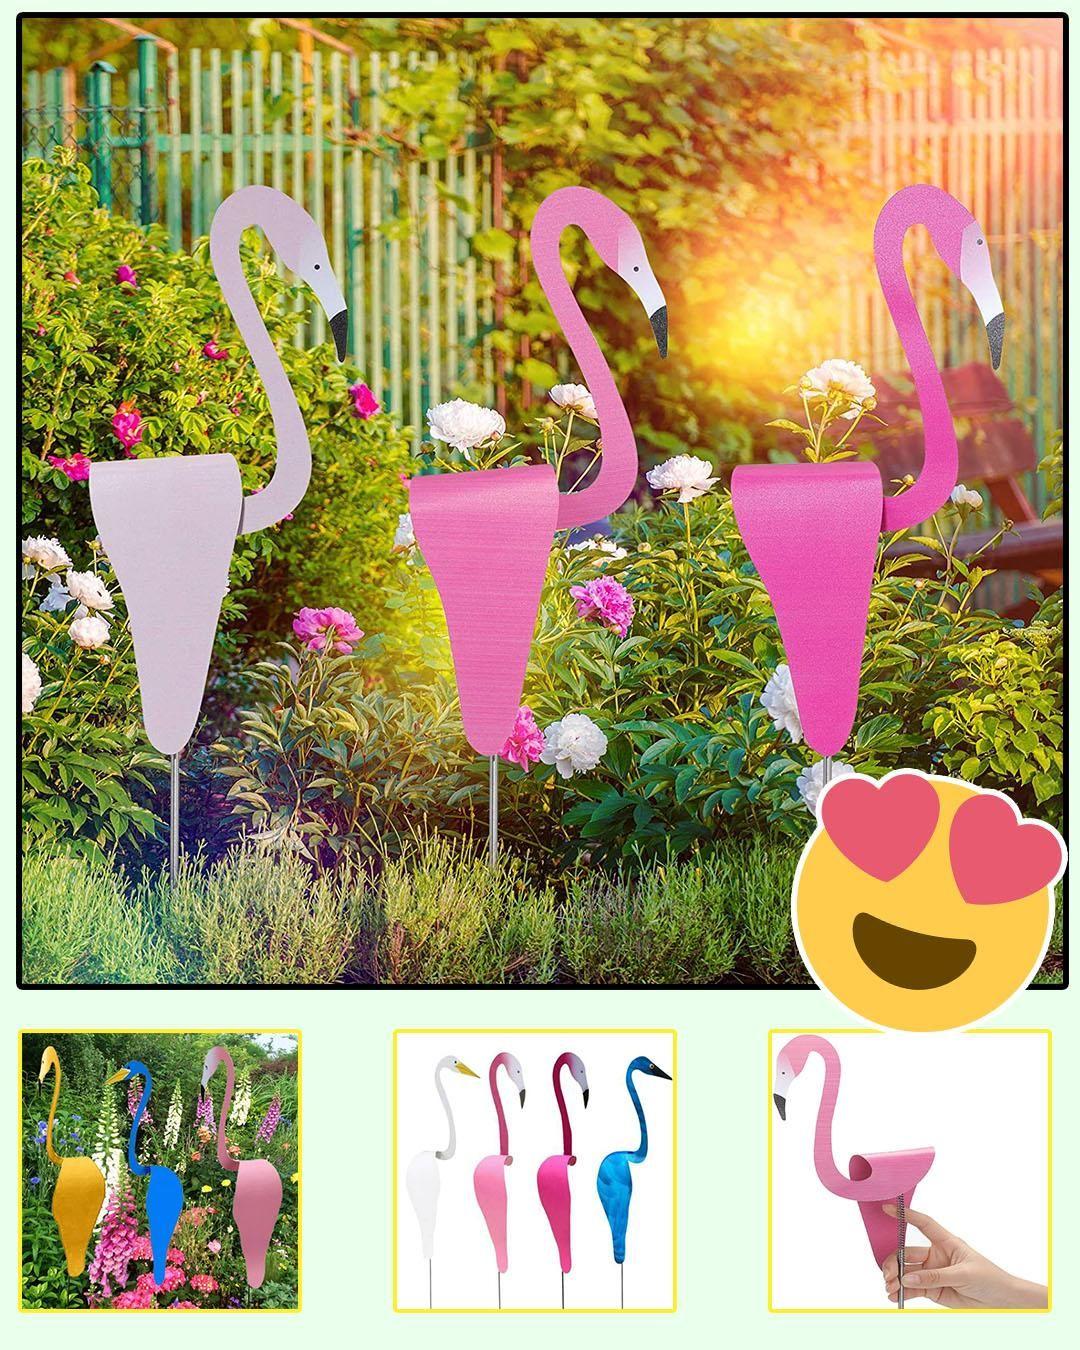 Dancing Garden Flamingo Impresses Your Guests